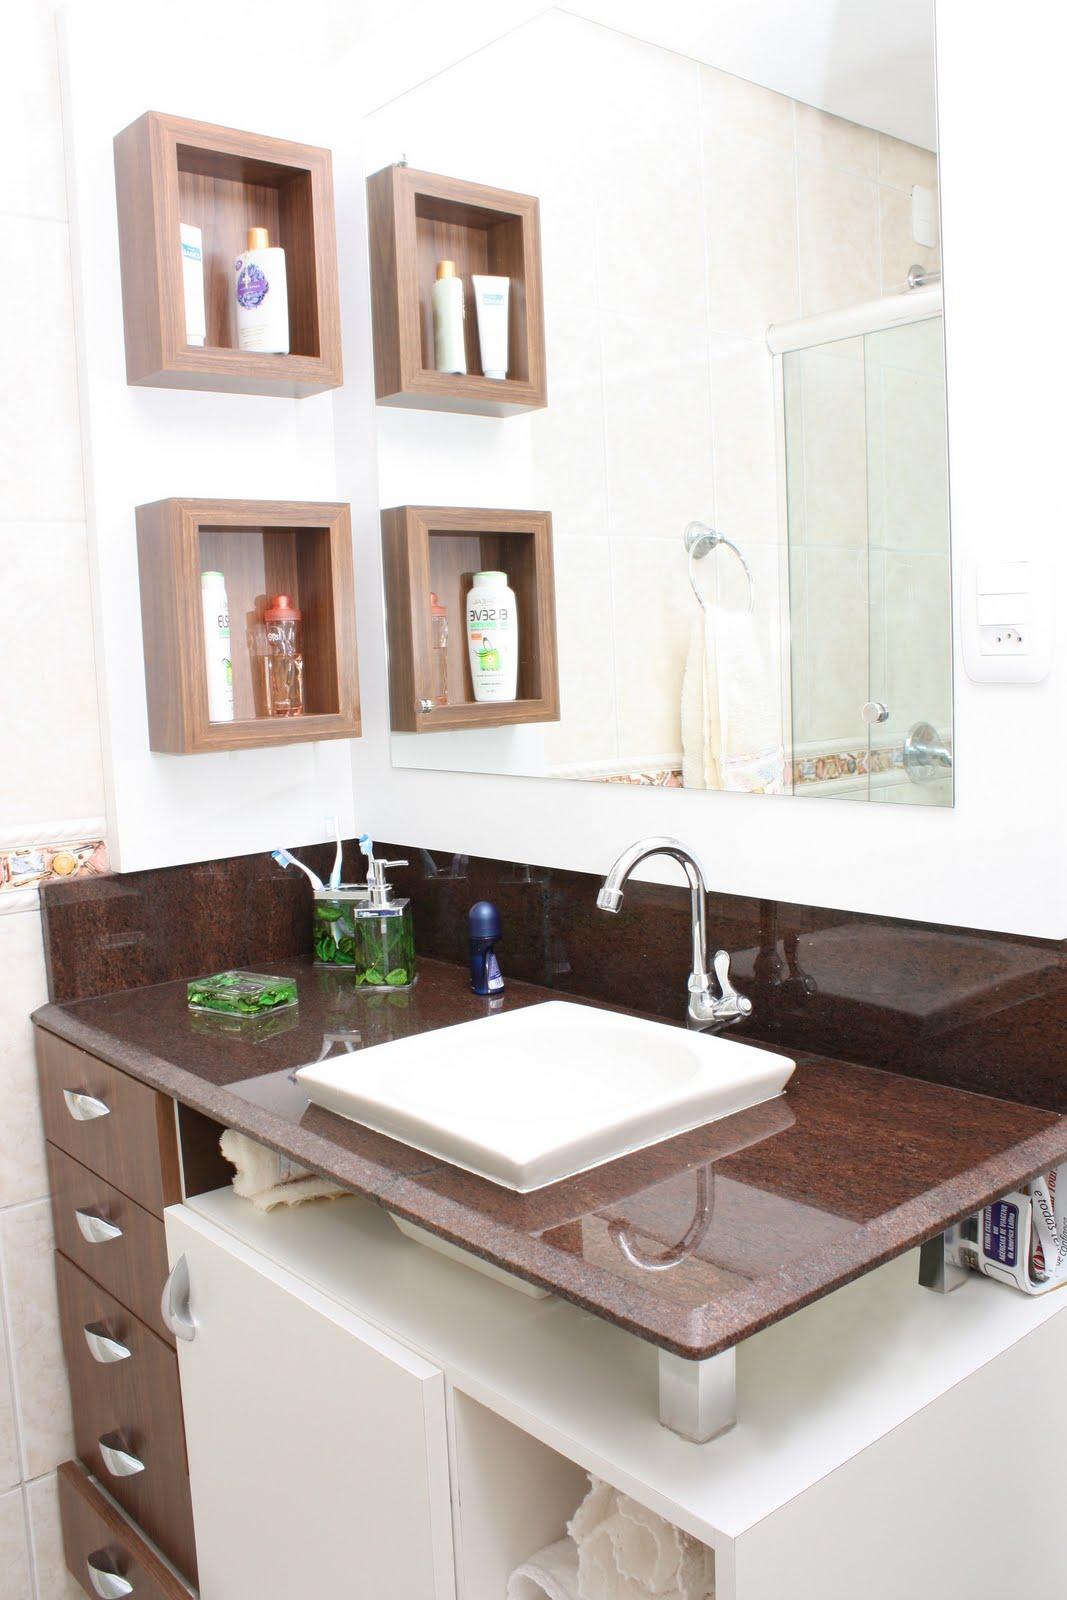 Casa da Sheila: Tons de granito e mármore #446833 1067x1600 Banheiro Bege E Marrom